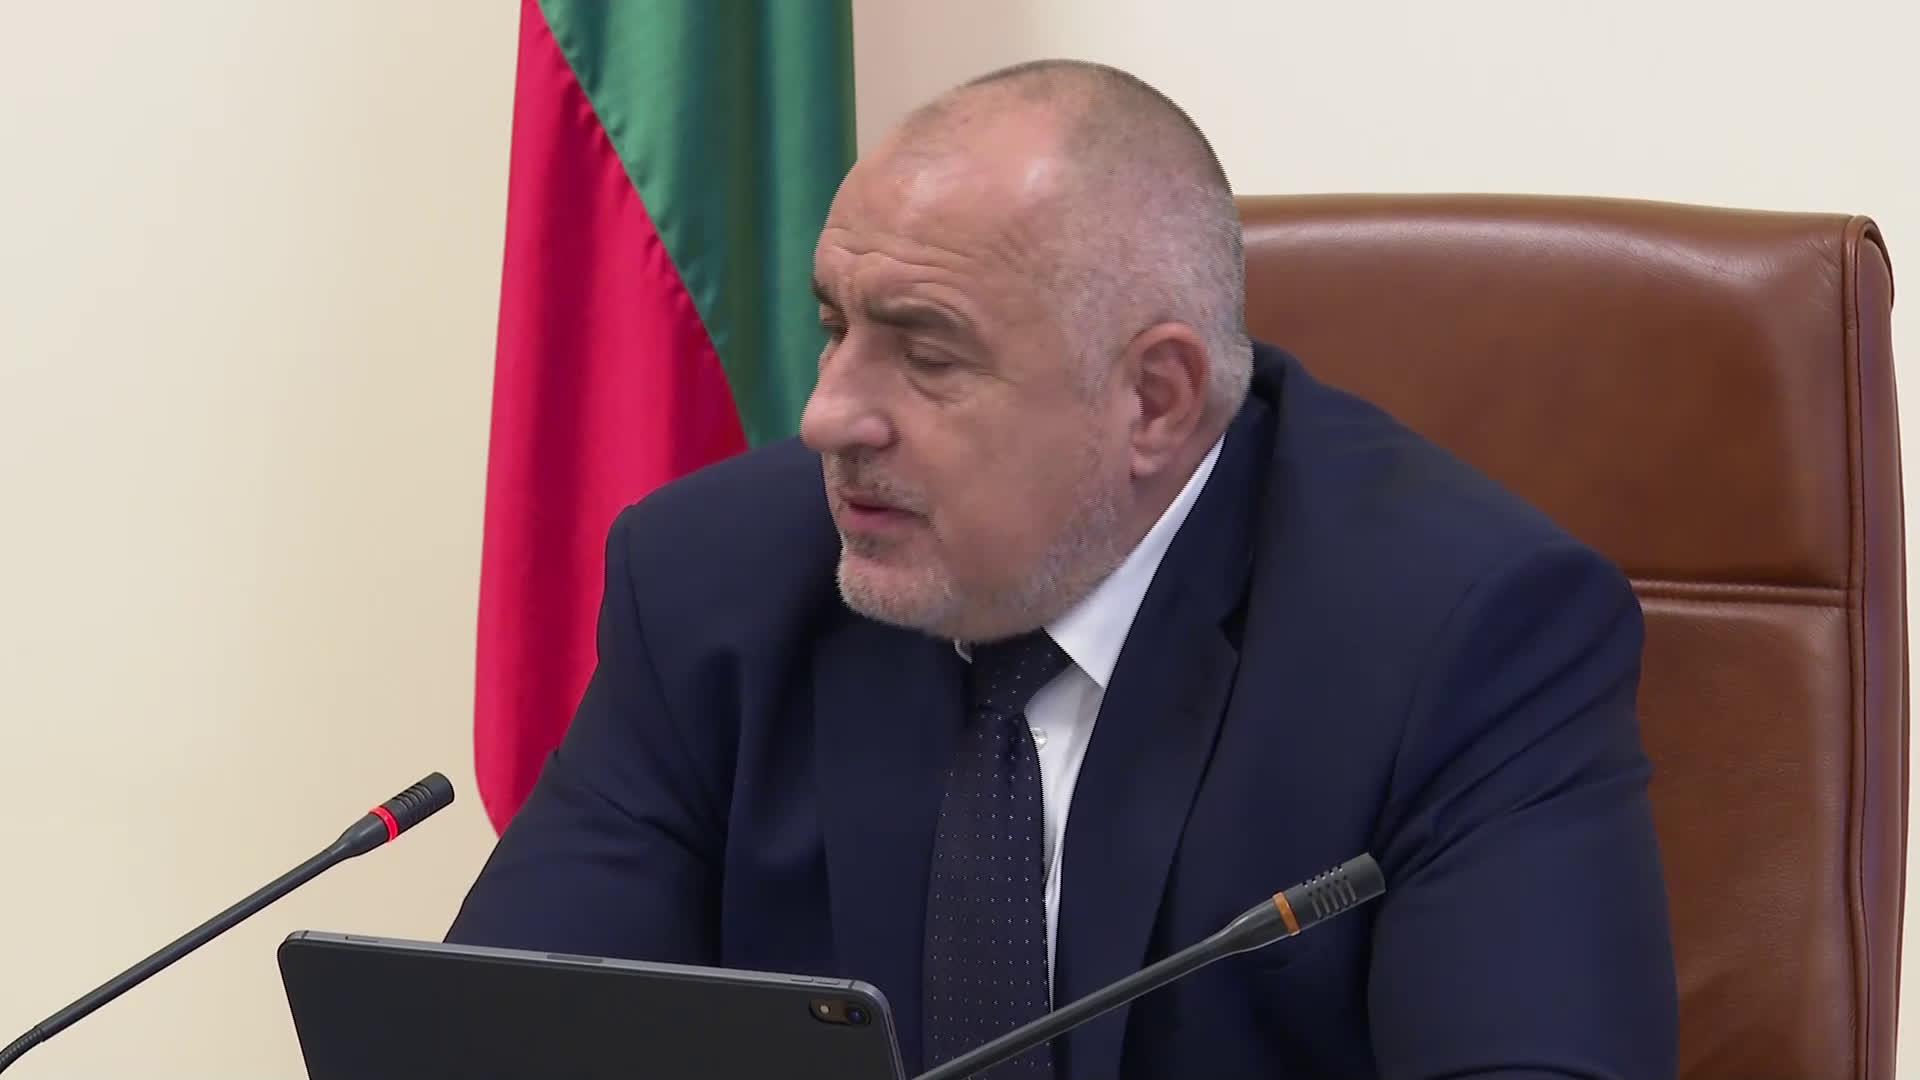 Борисов: Реагираме веднага както при бедствия и аварии, така и с пандемията